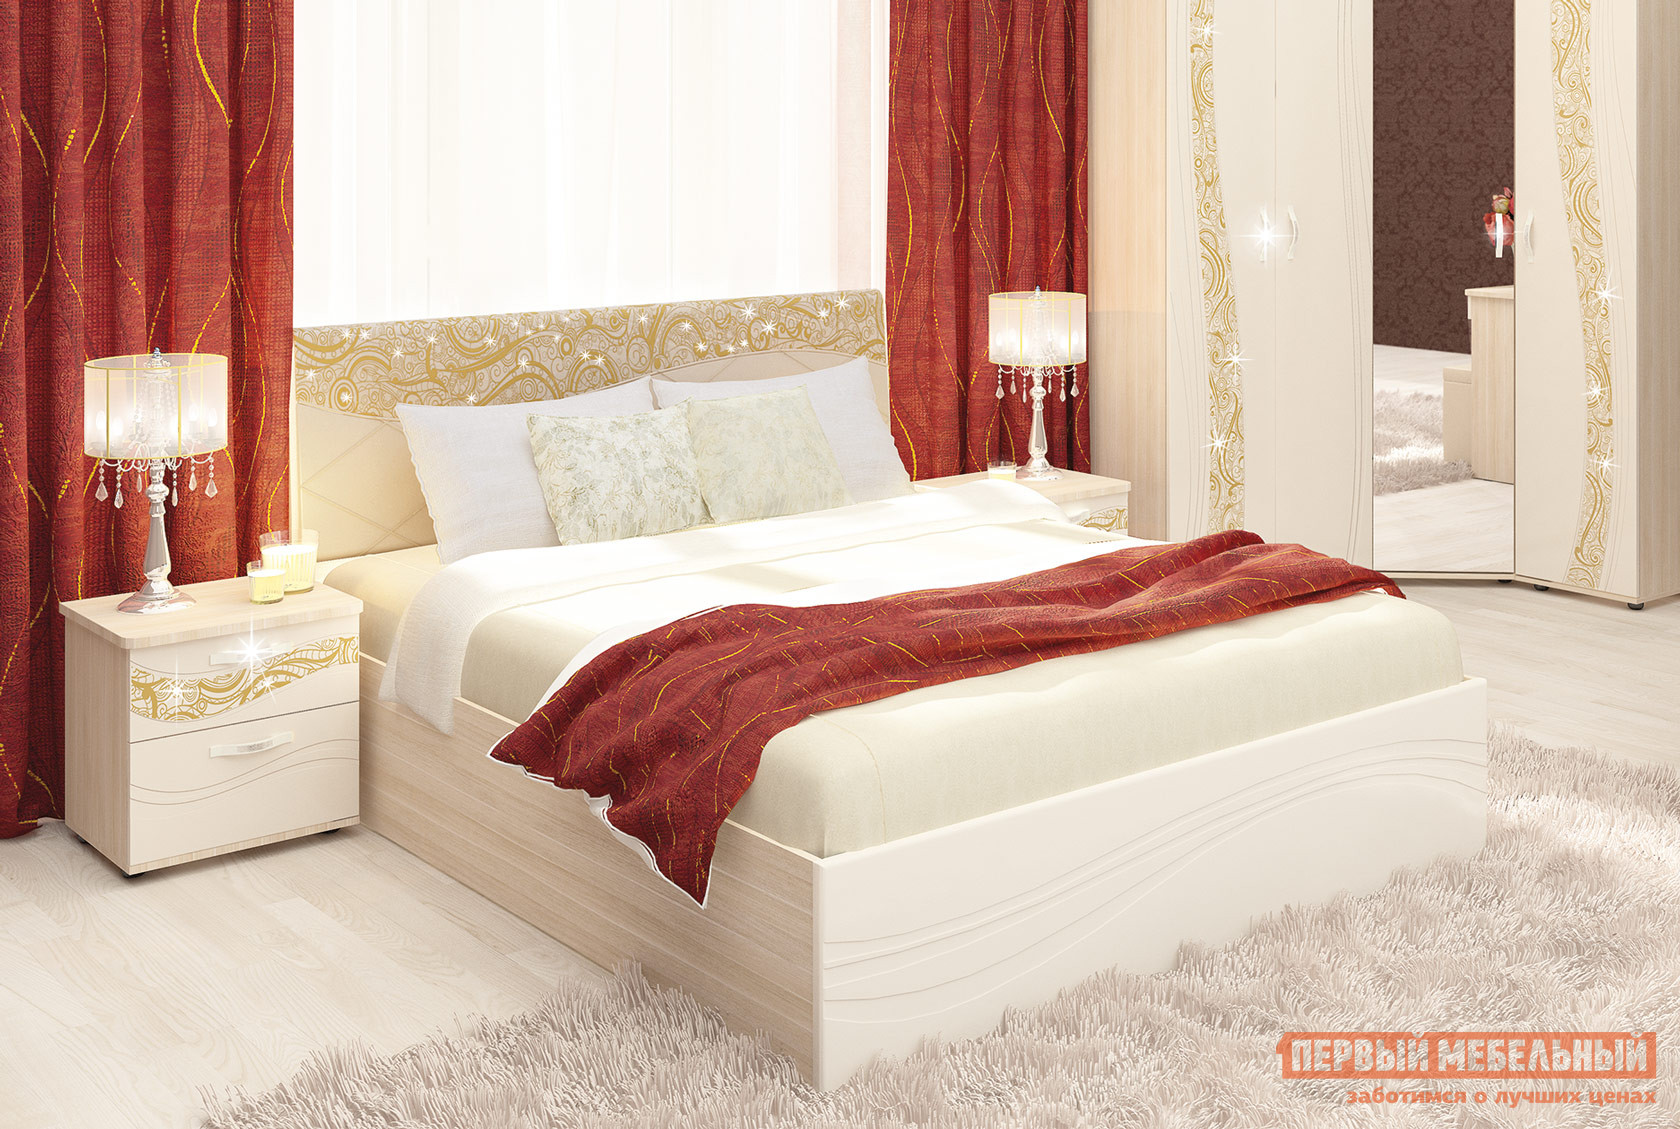 Двуспальная кровать Витра 98.21 двуспальная кровать витра 95 01 95 02 ок1 ок2